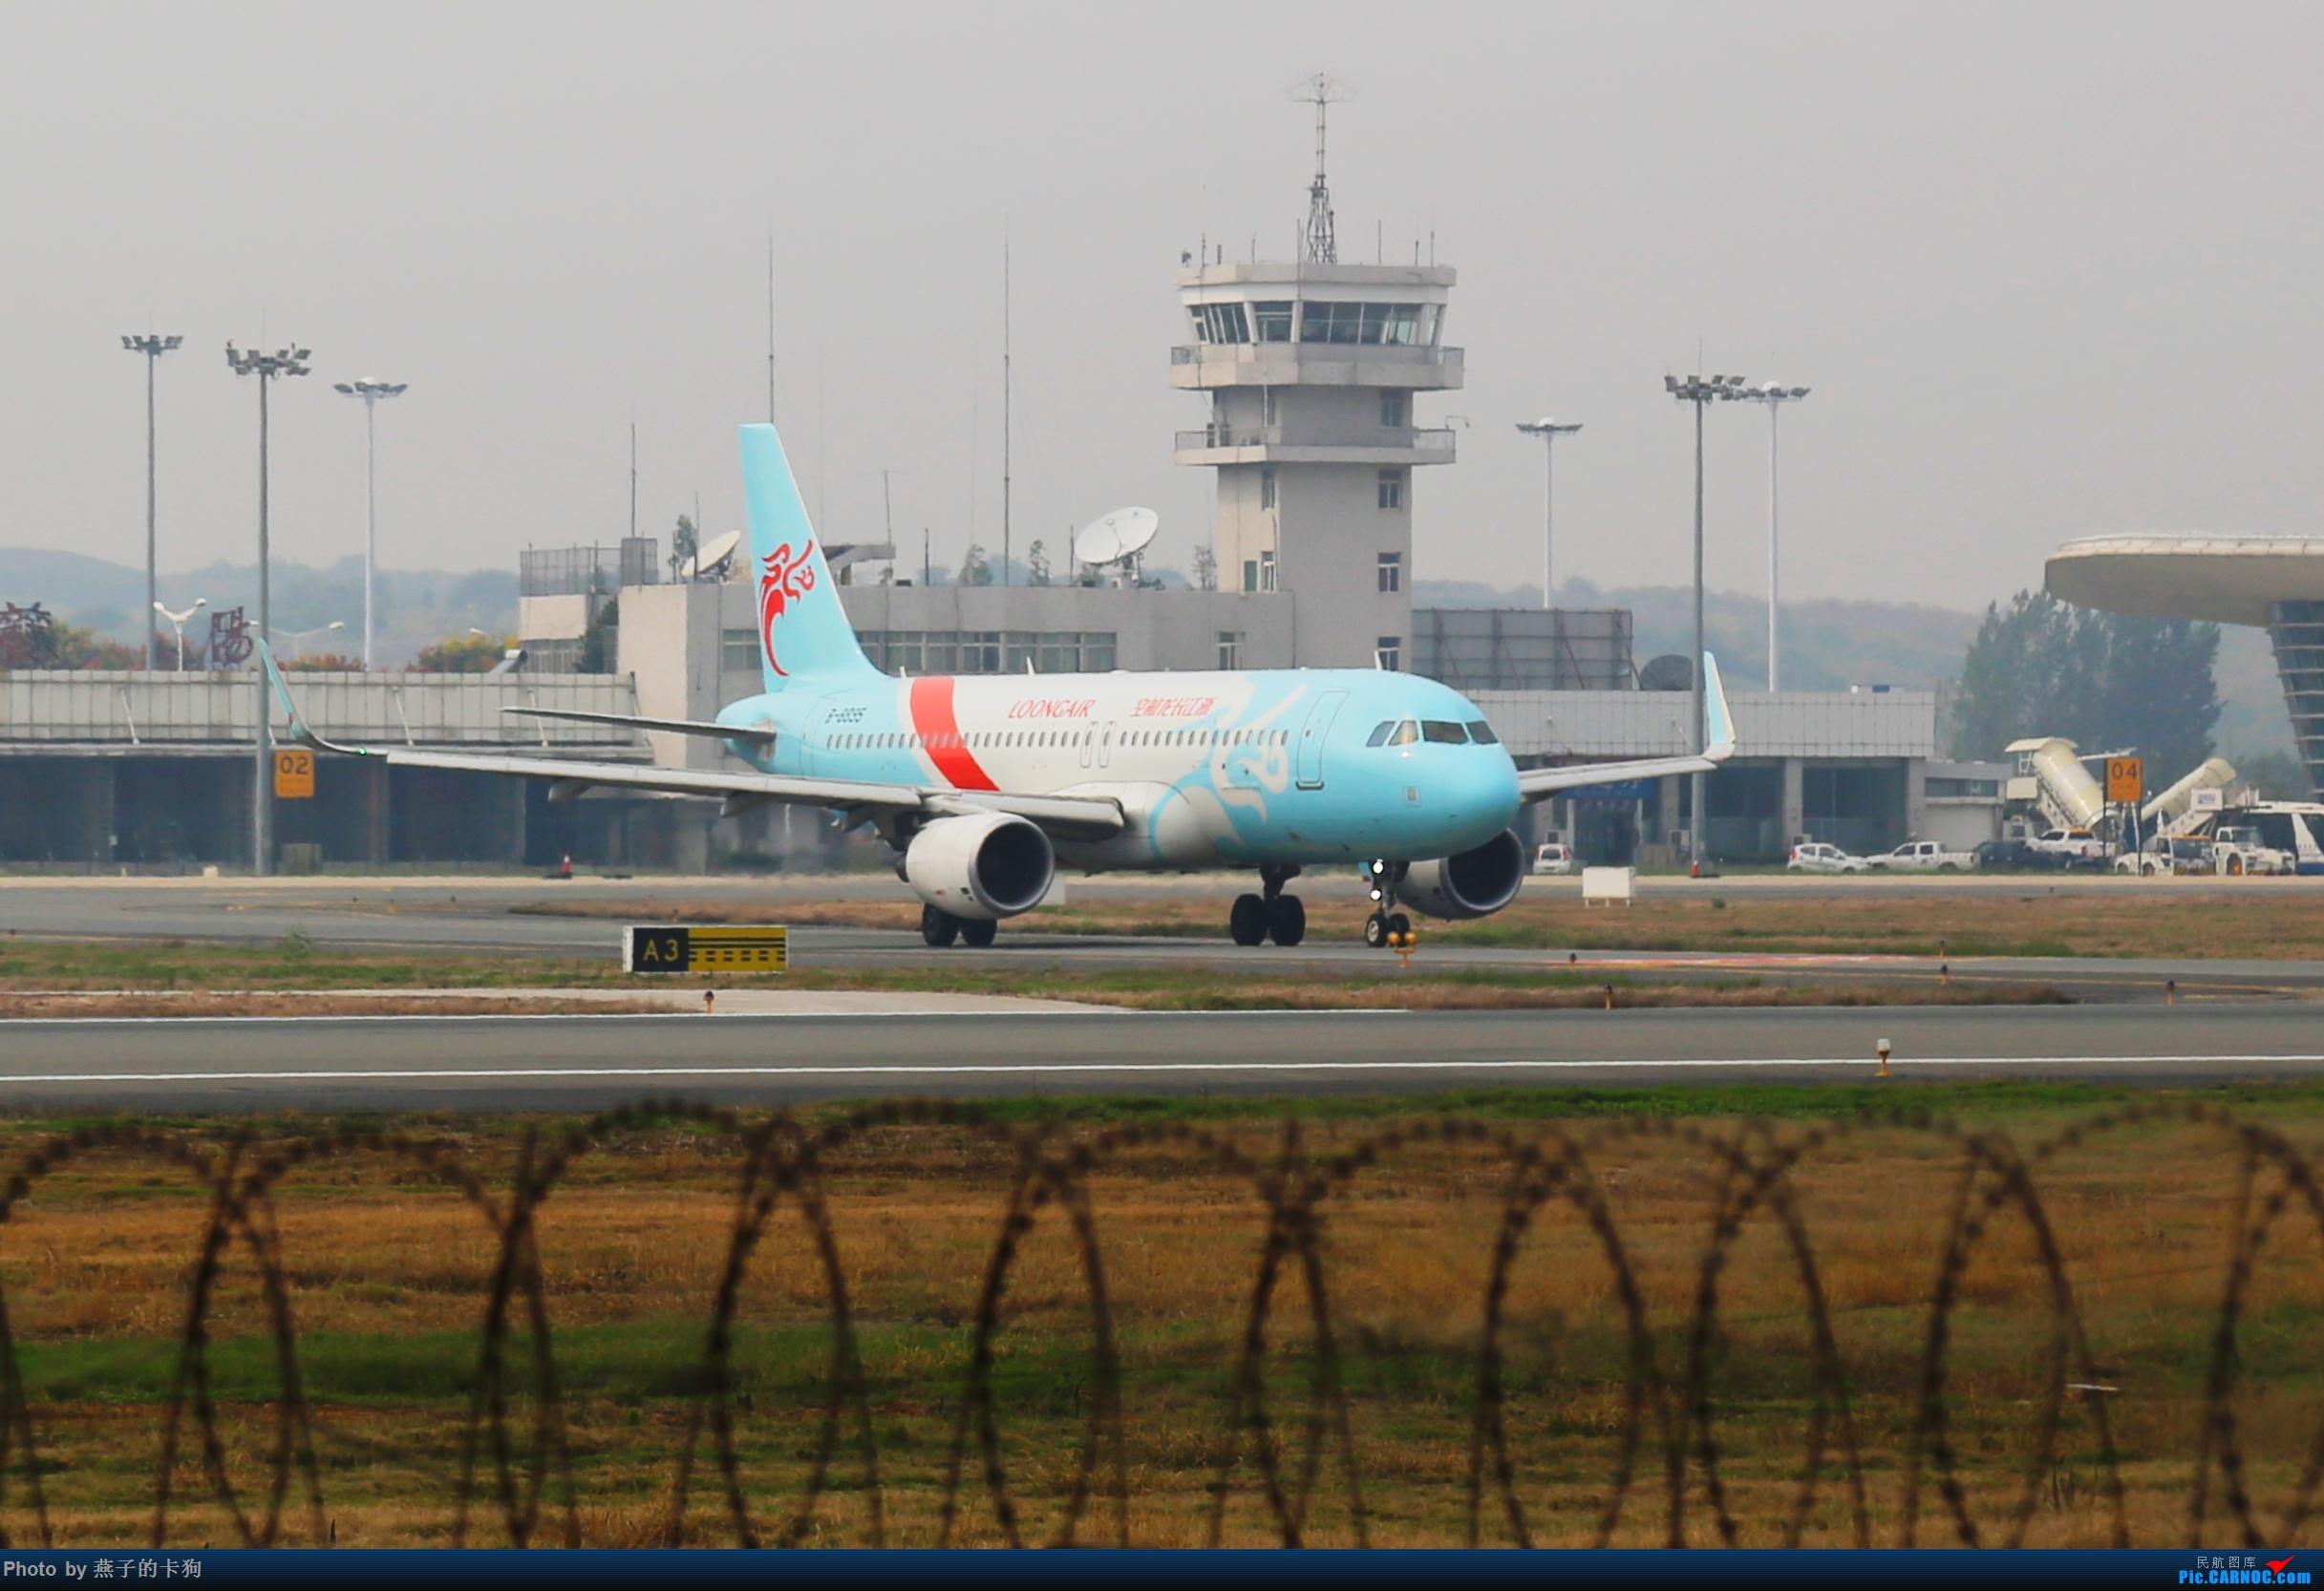 Re:【XFN ▪ ZHXF】襄阳刘集机场组图 AIRBUS A320 B-320D 襄阳刘集机场